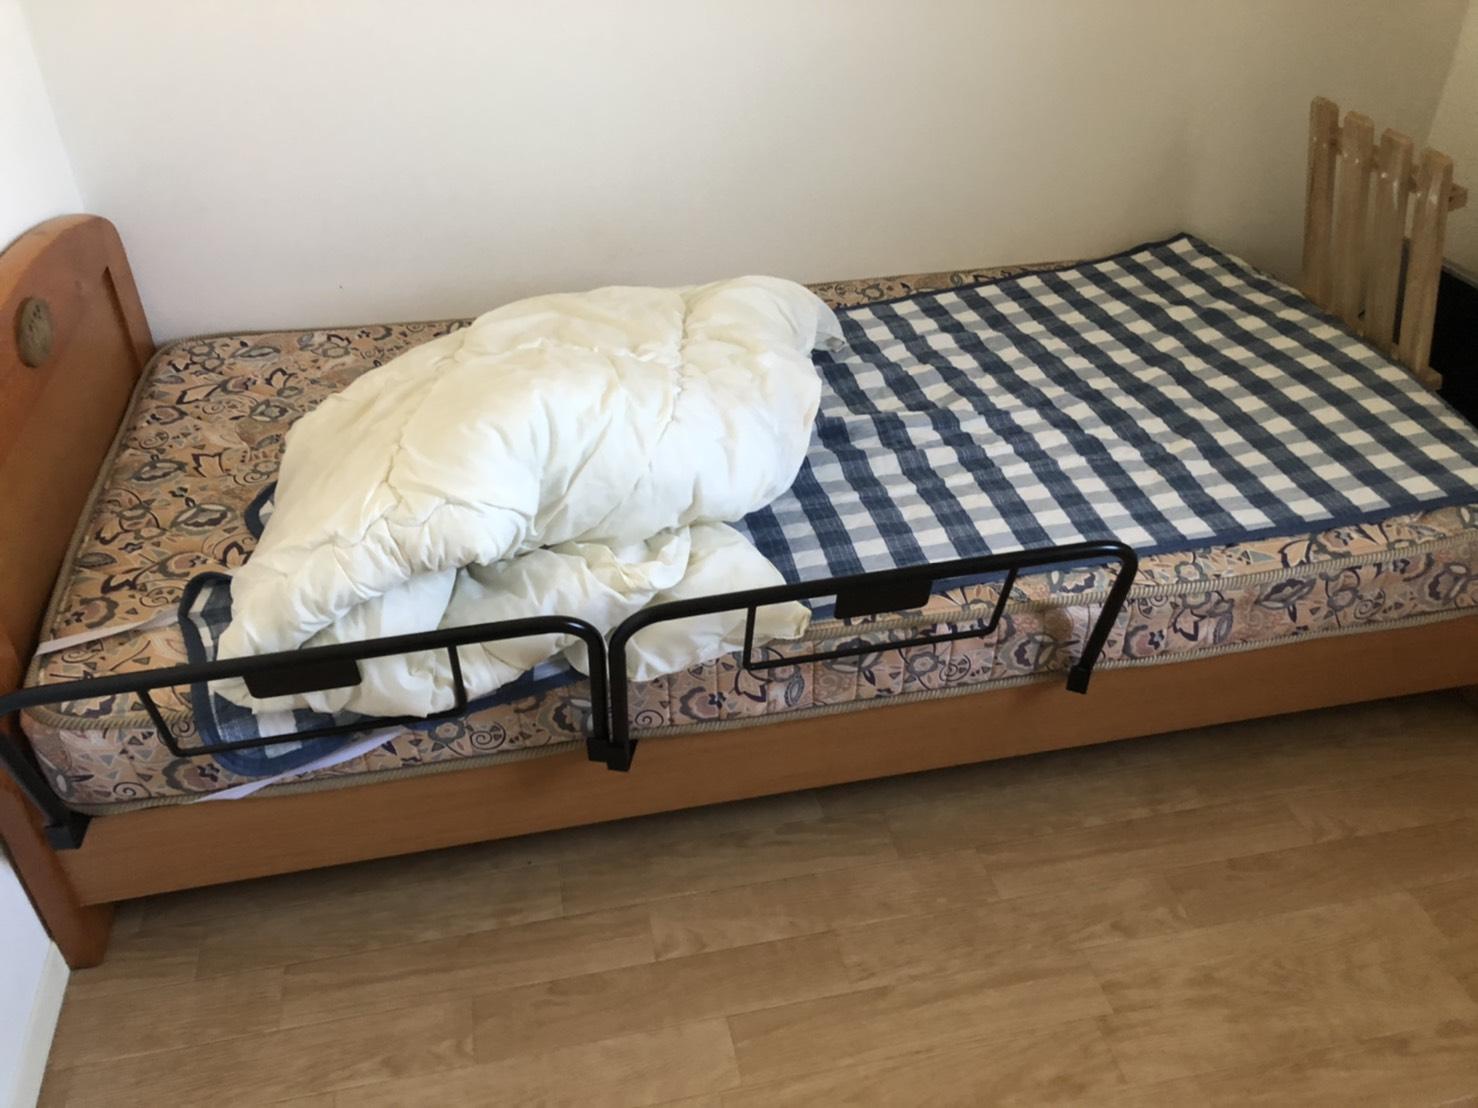 神奈川県横須賀市のベッドの回収前